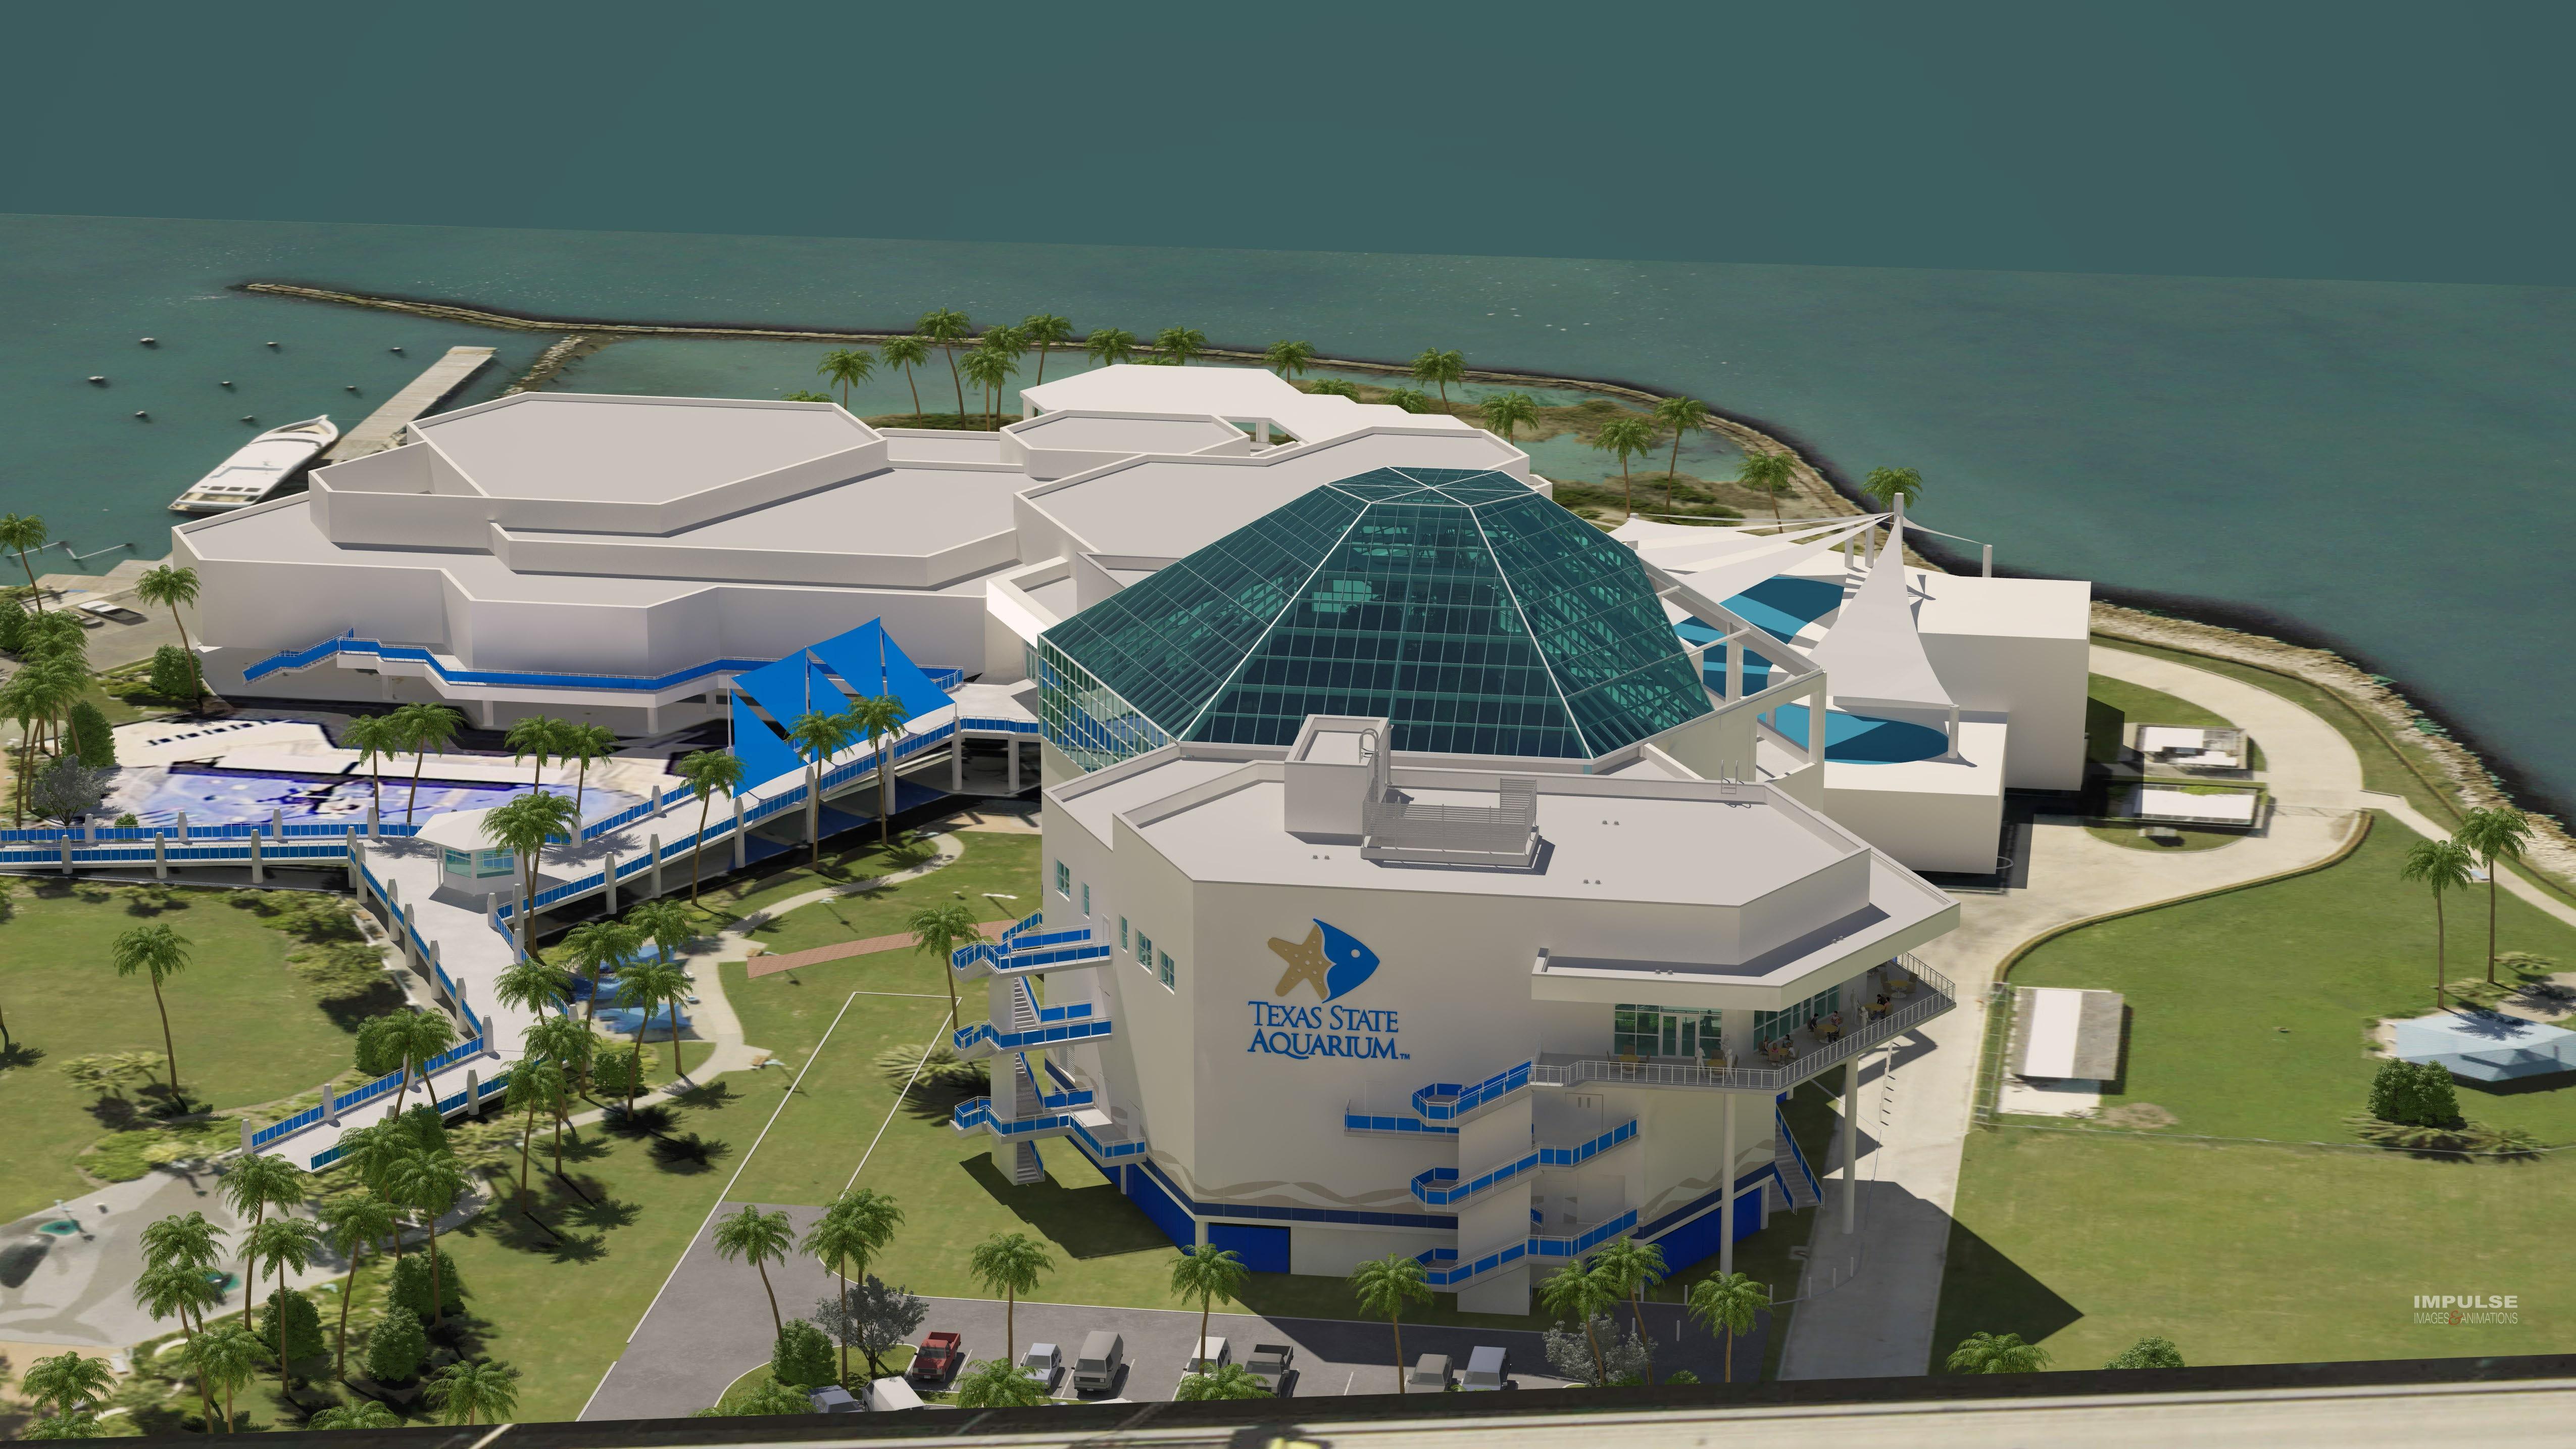 Texas State Aquarium Expansion Rendering